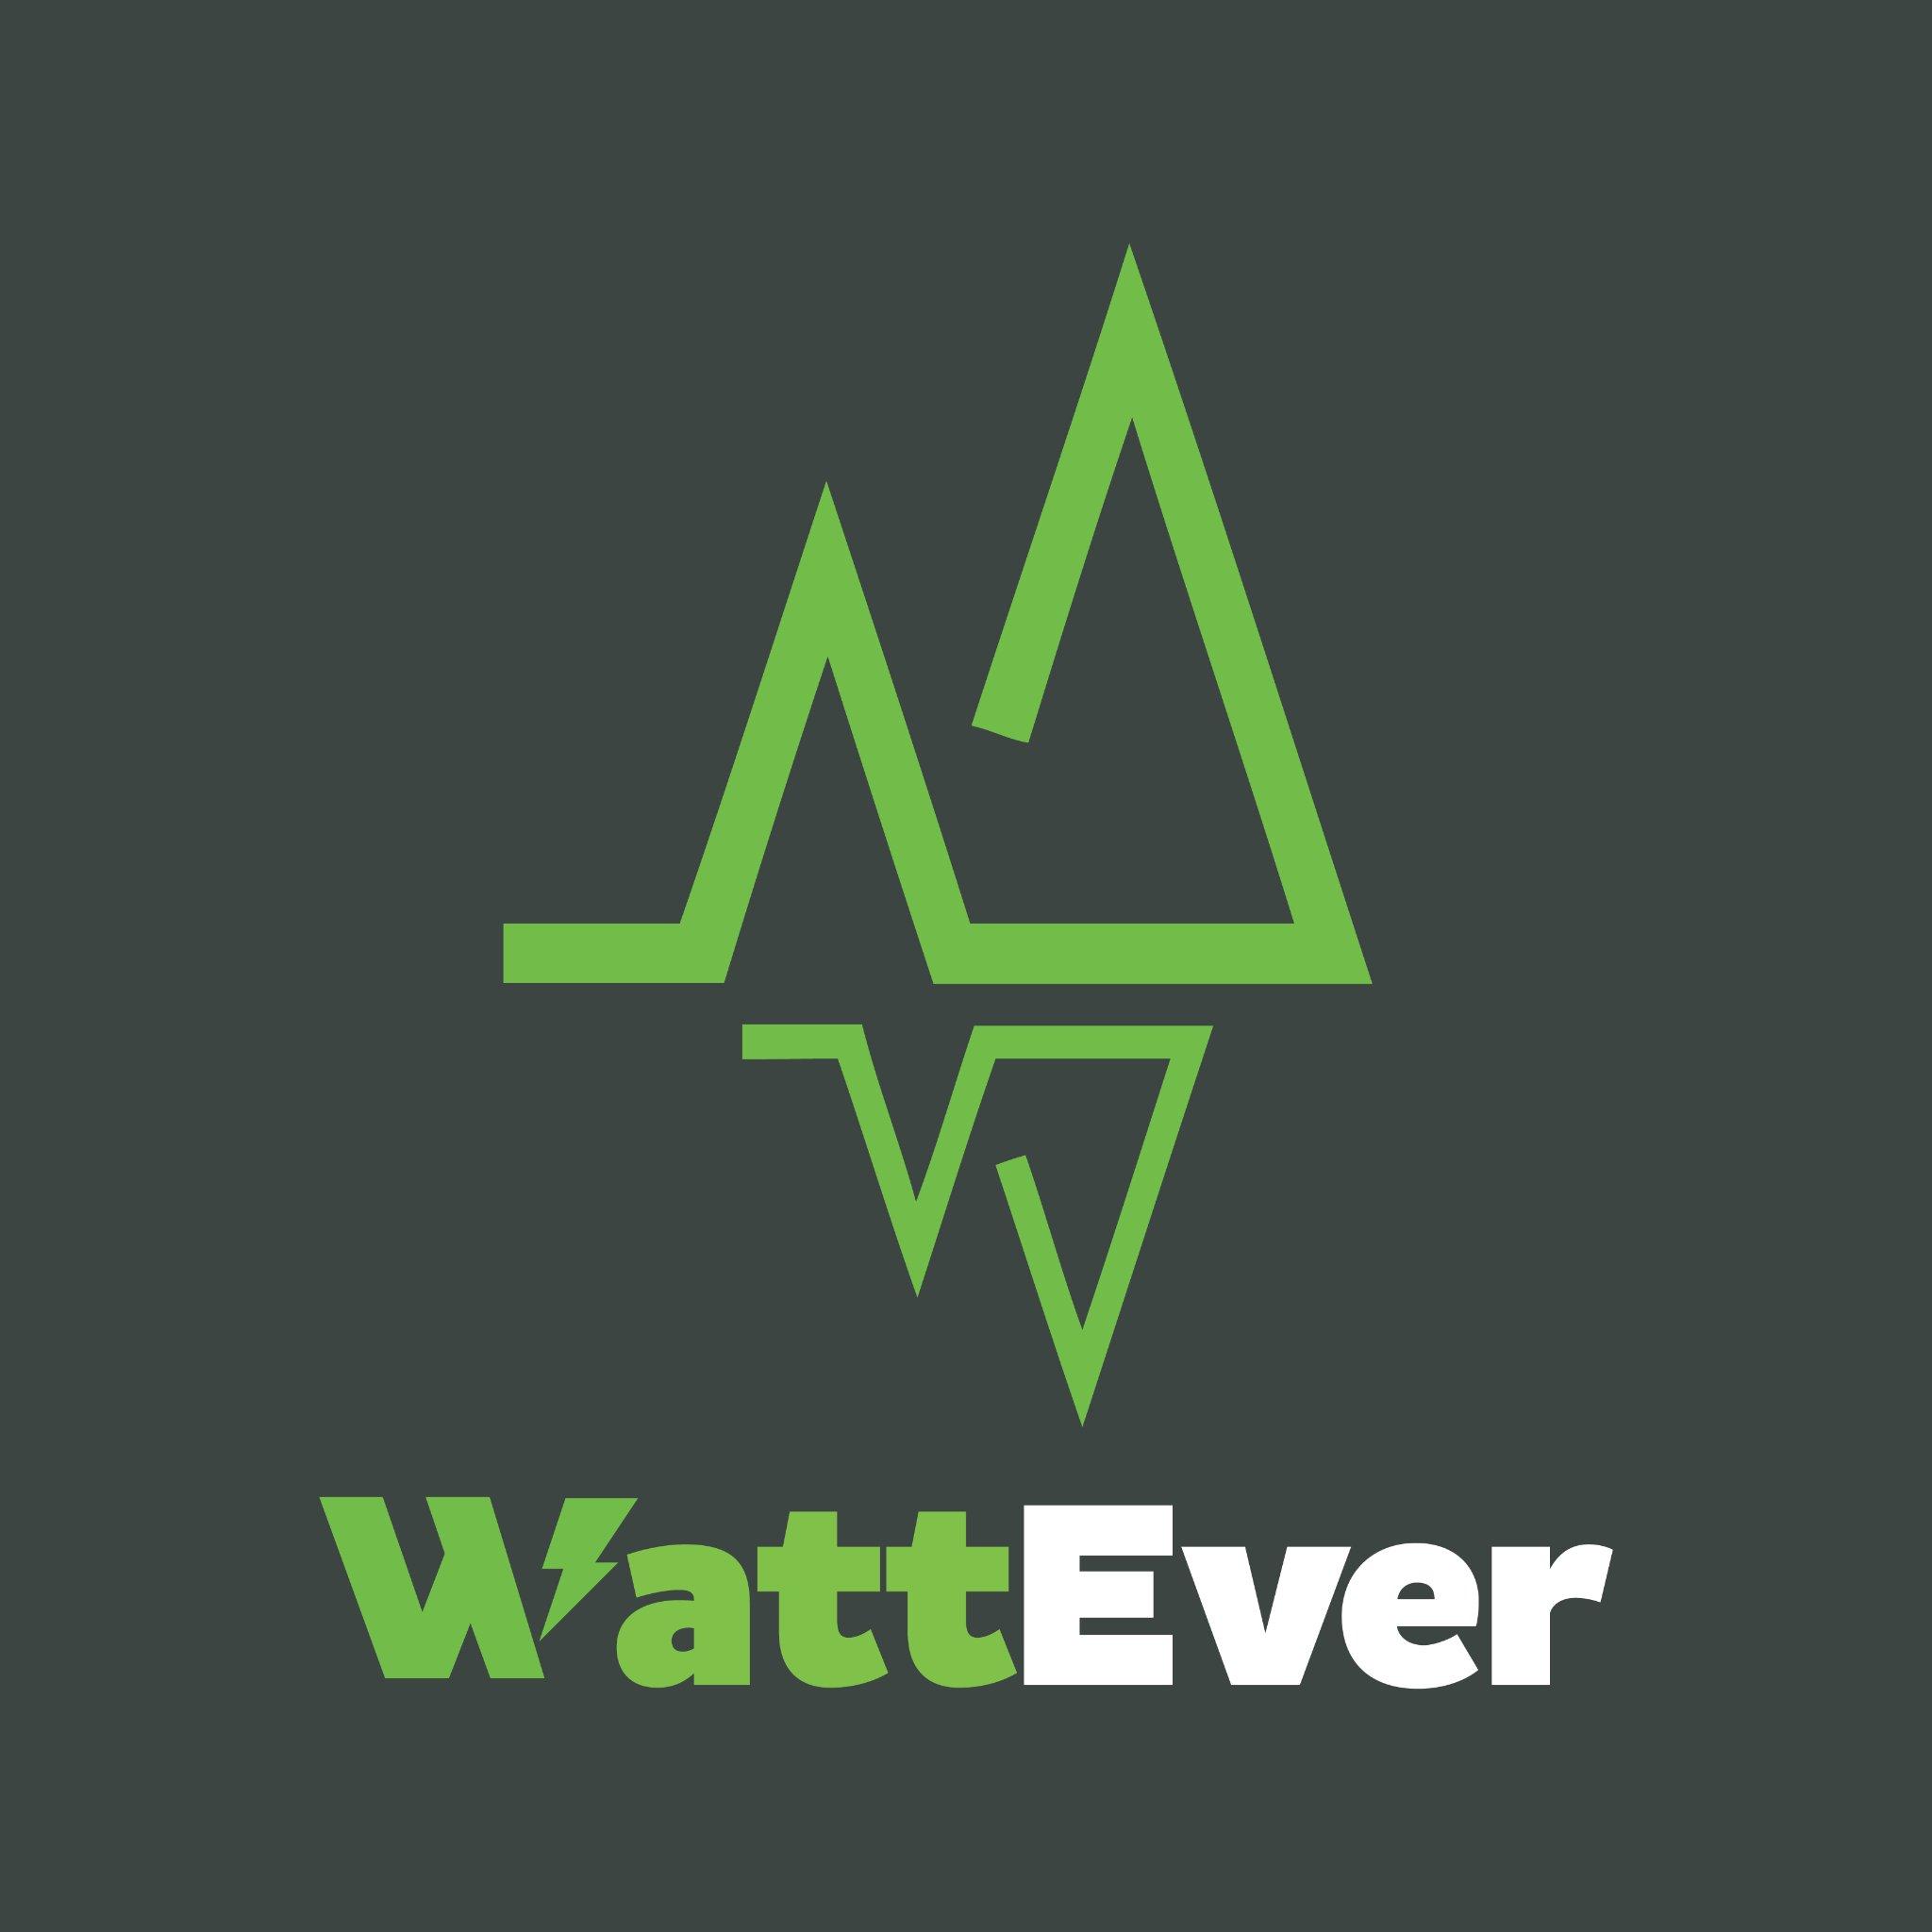 WattEver